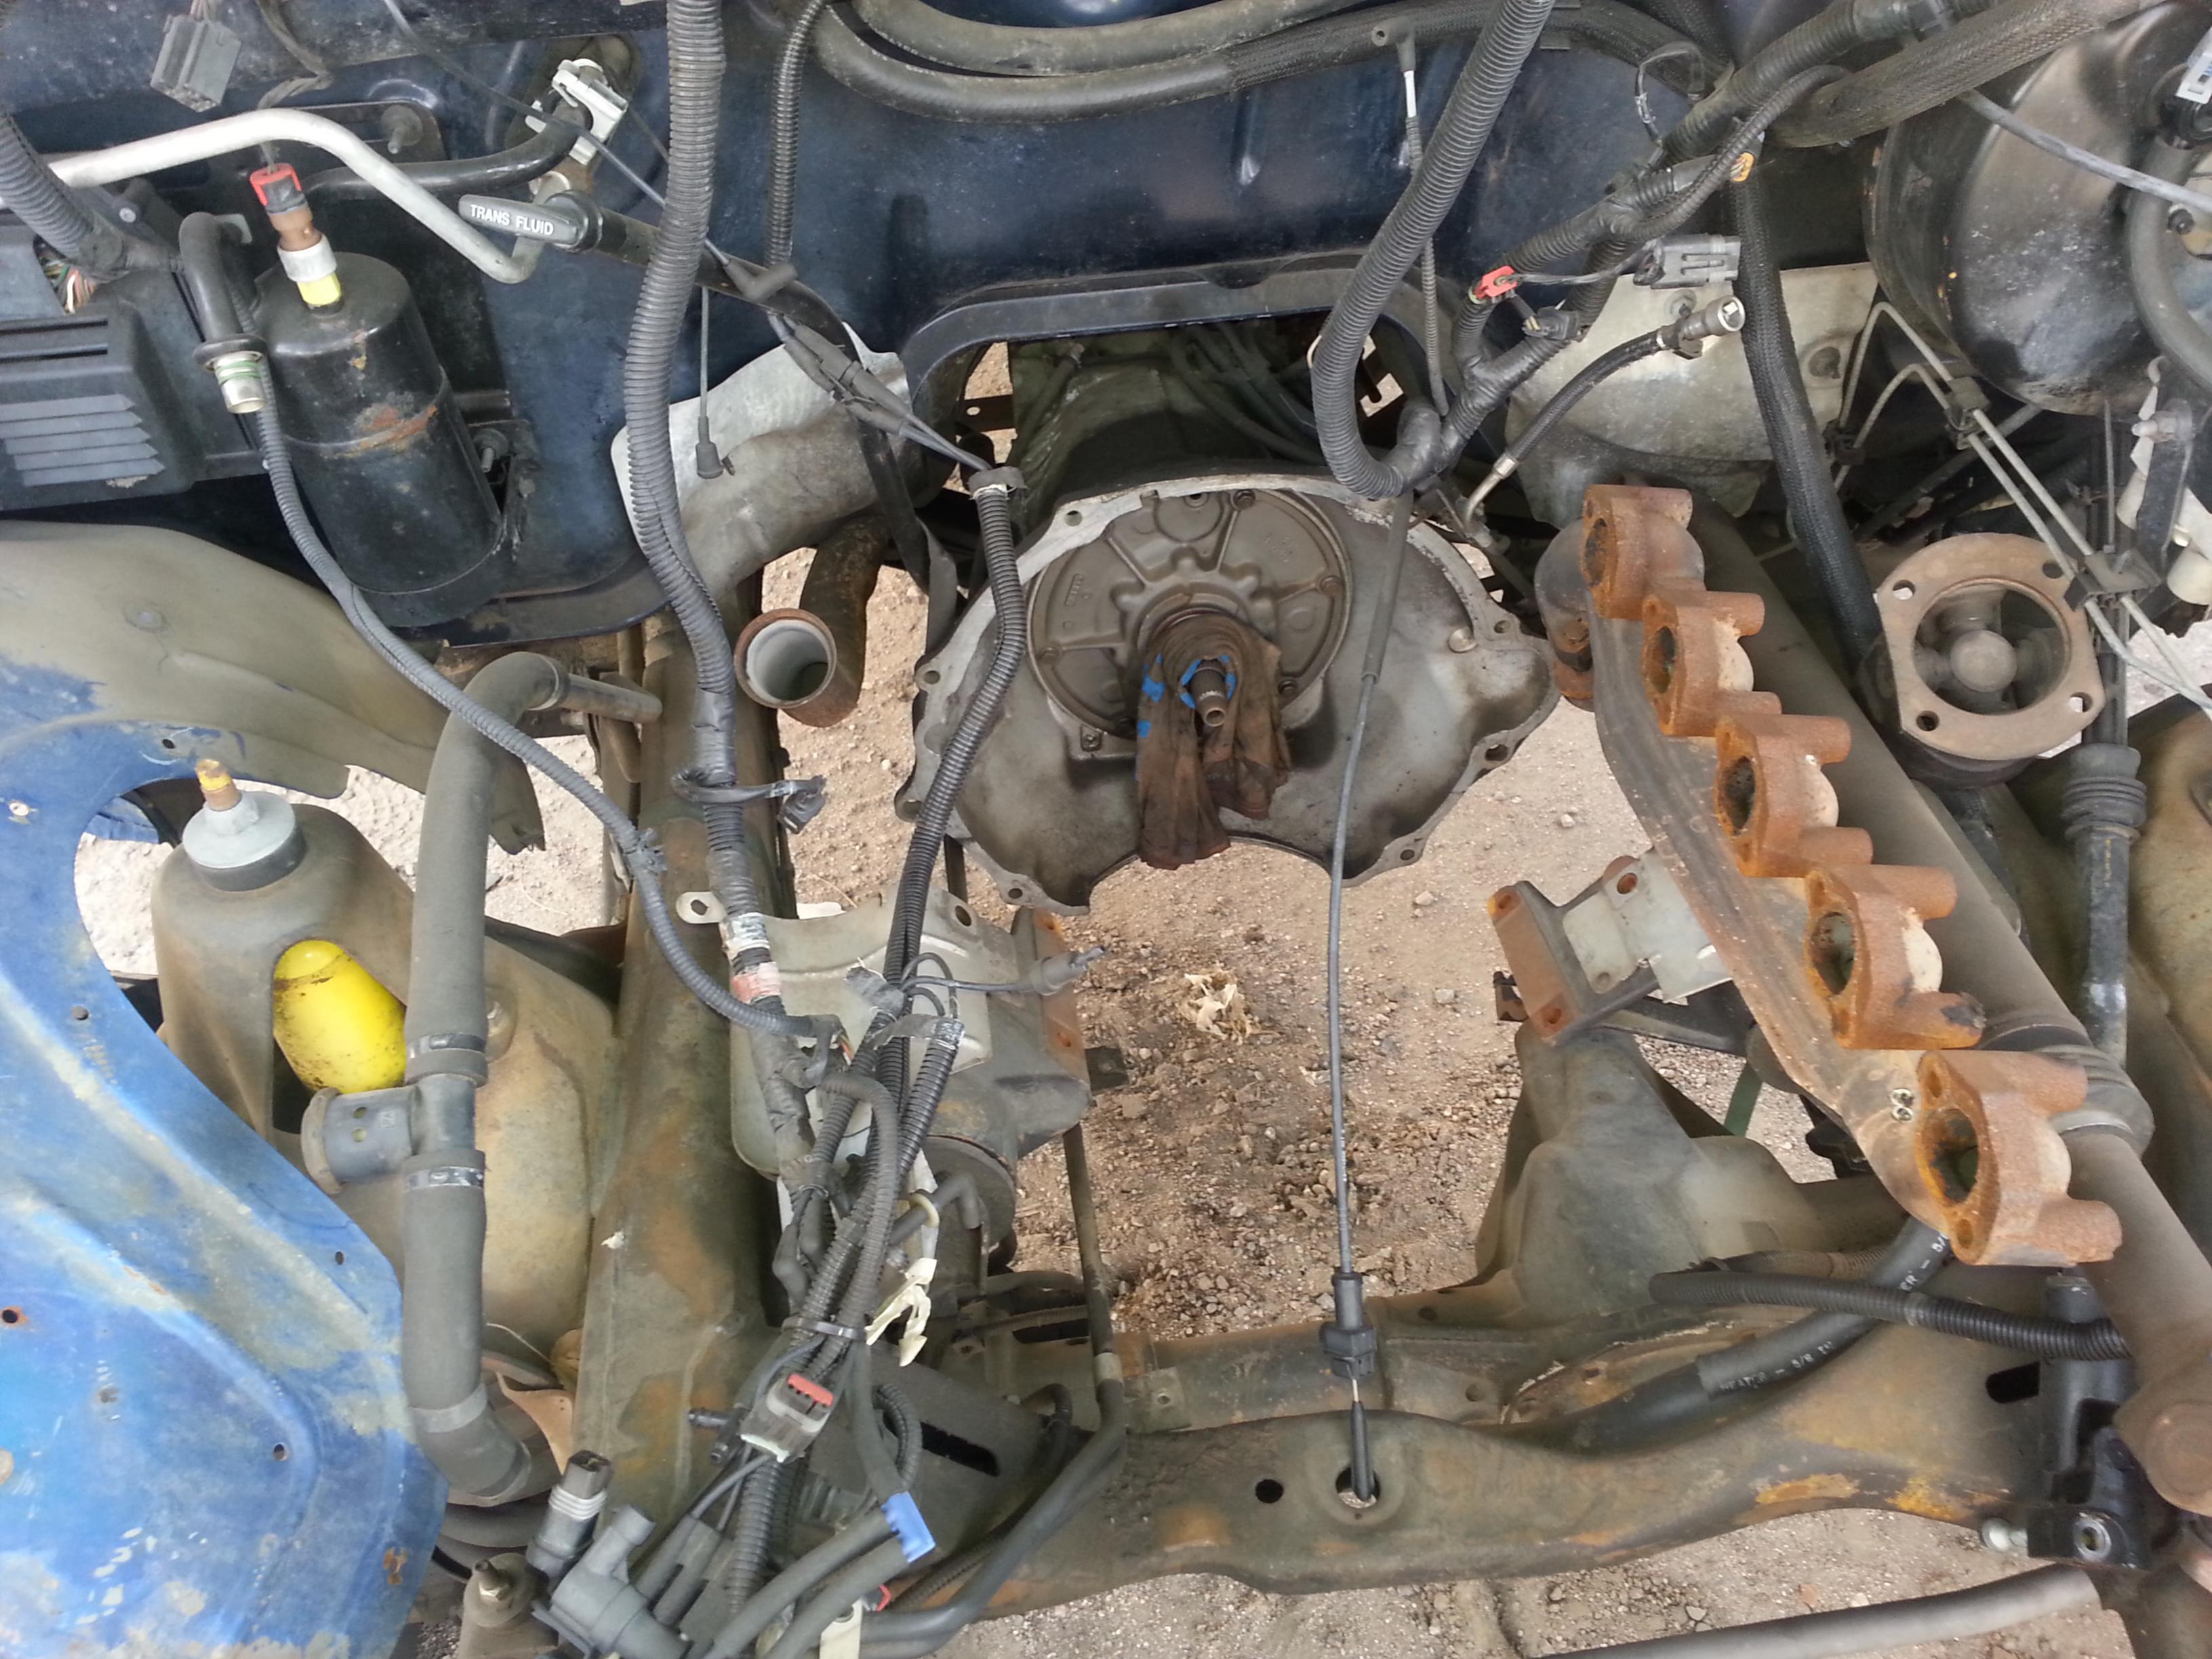 04 Dodge Cummins Alternator Wiring Real Diagram 02 Ram 1st Gen Into 2500 Diesel Forum For 8 3 98